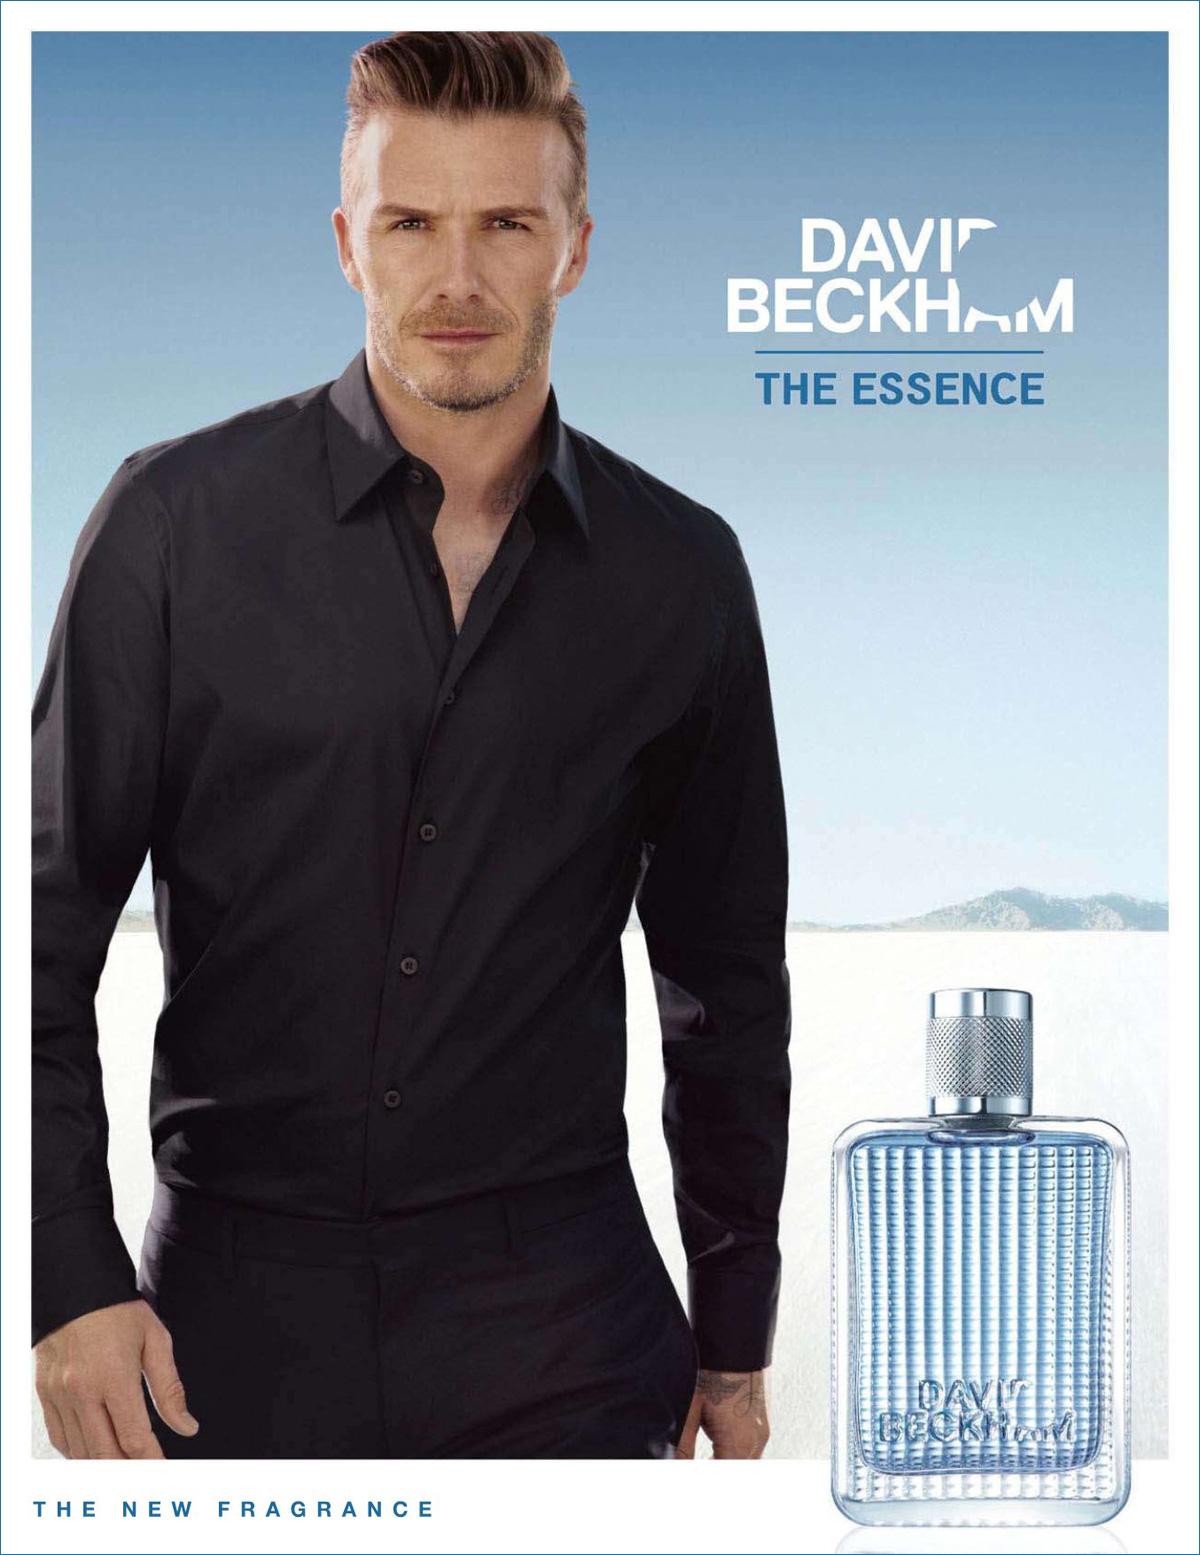 http://3.bp.blogspot.com/-00jbviKUlYs/URN-DcyBMhI/AAAAAAAACwk/bP556geJxiE/s1600/david-beckham-the-essence-01.jpg